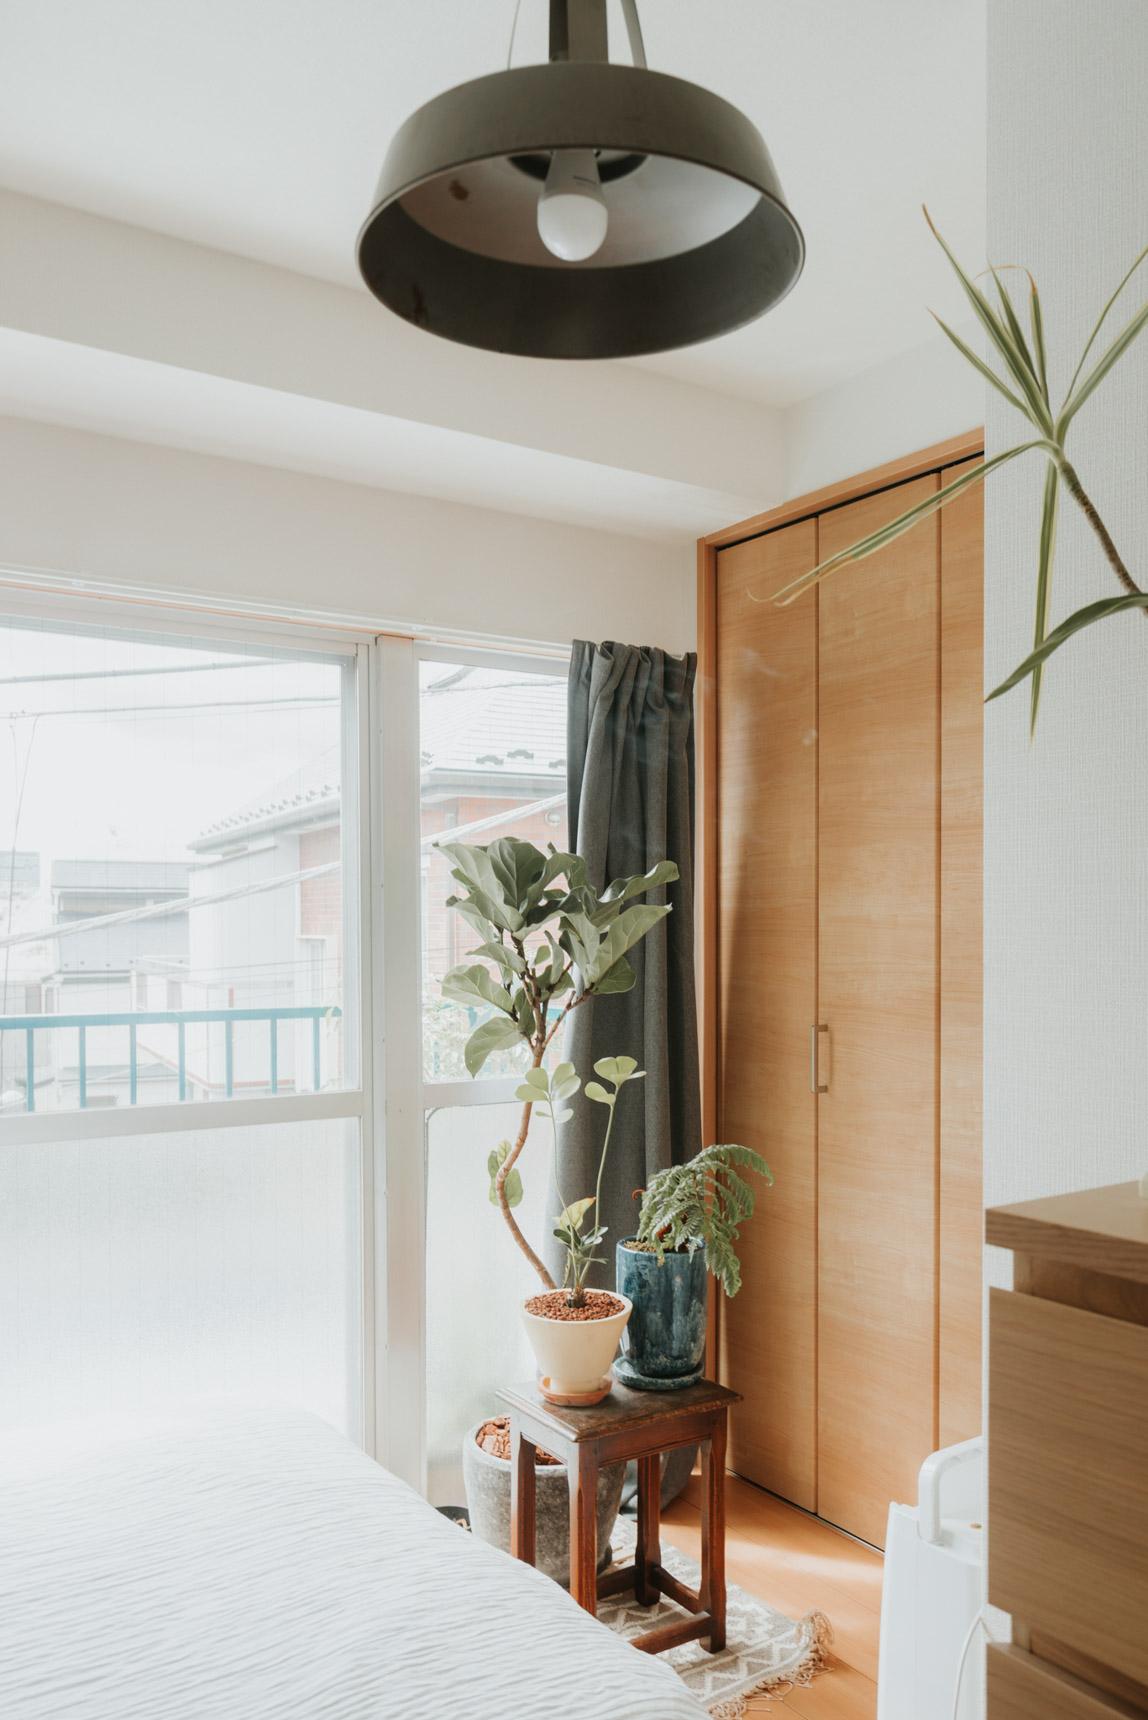 植物がお好きなTetsuさん。窓際の特等席と、ベランダにいくつかの鉢植えが。